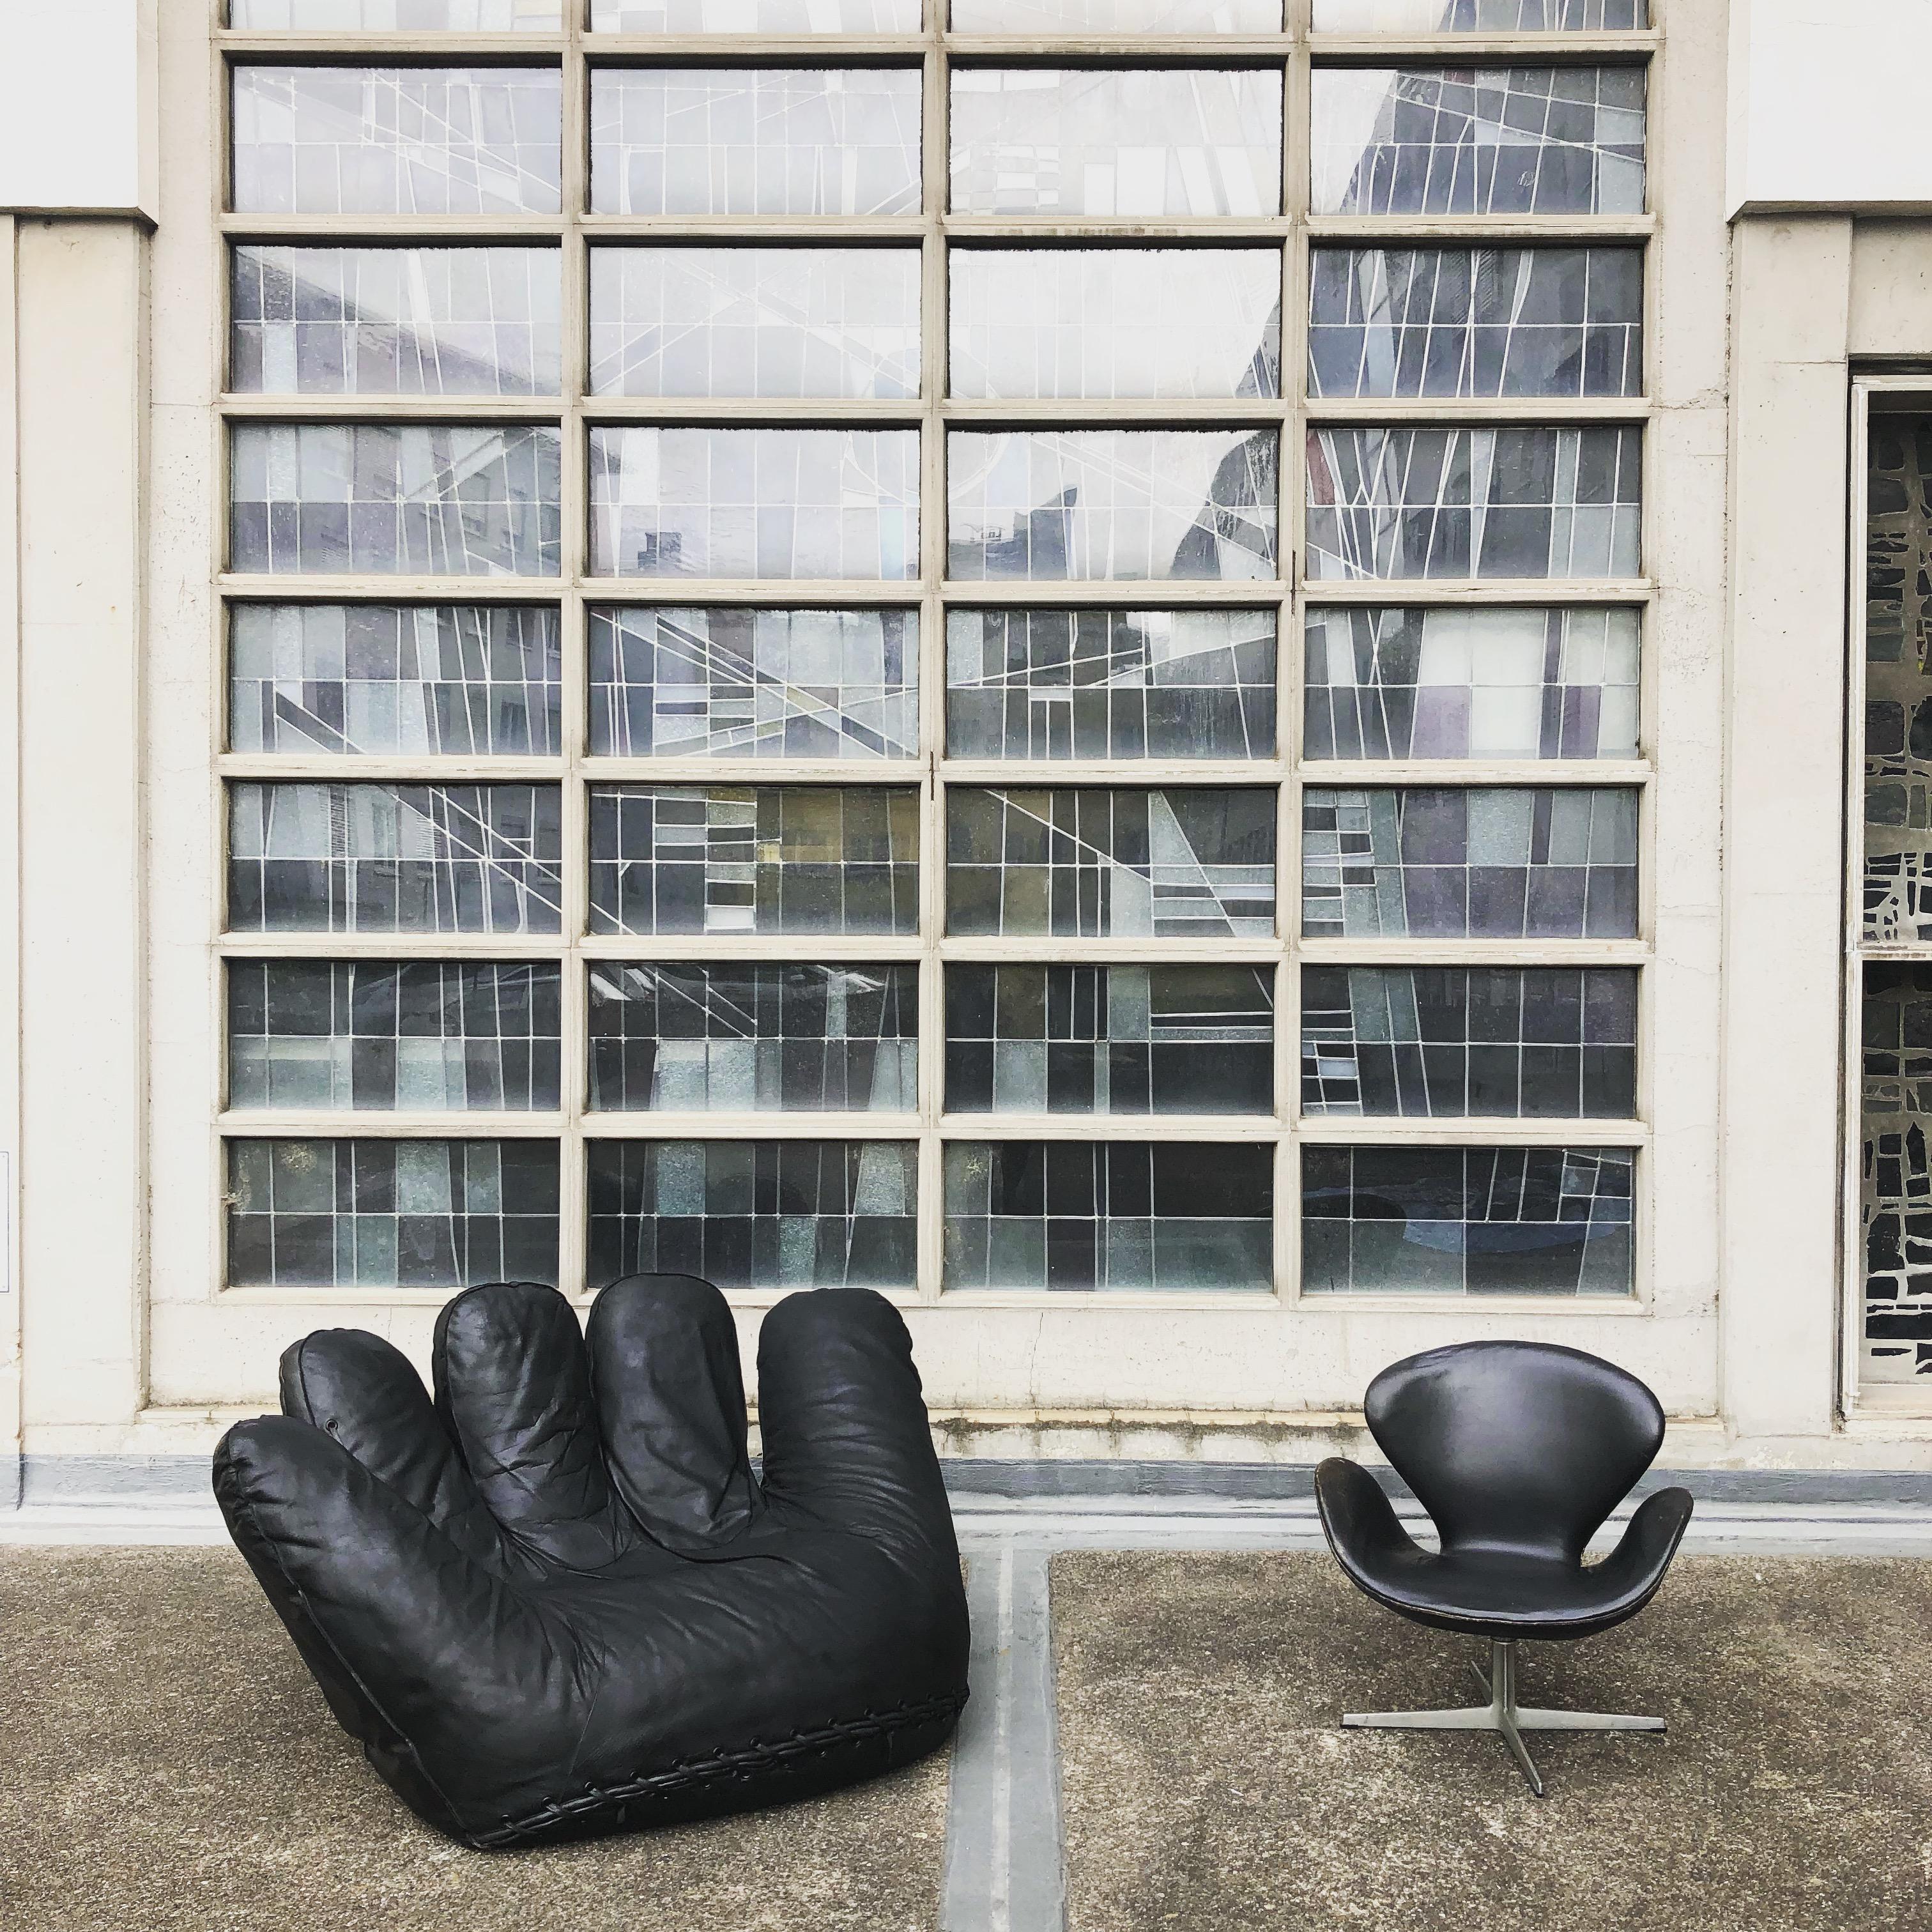 sitemap lieber m bel kaufen filmfundus mietm bel. Black Bedroom Furniture Sets. Home Design Ideas